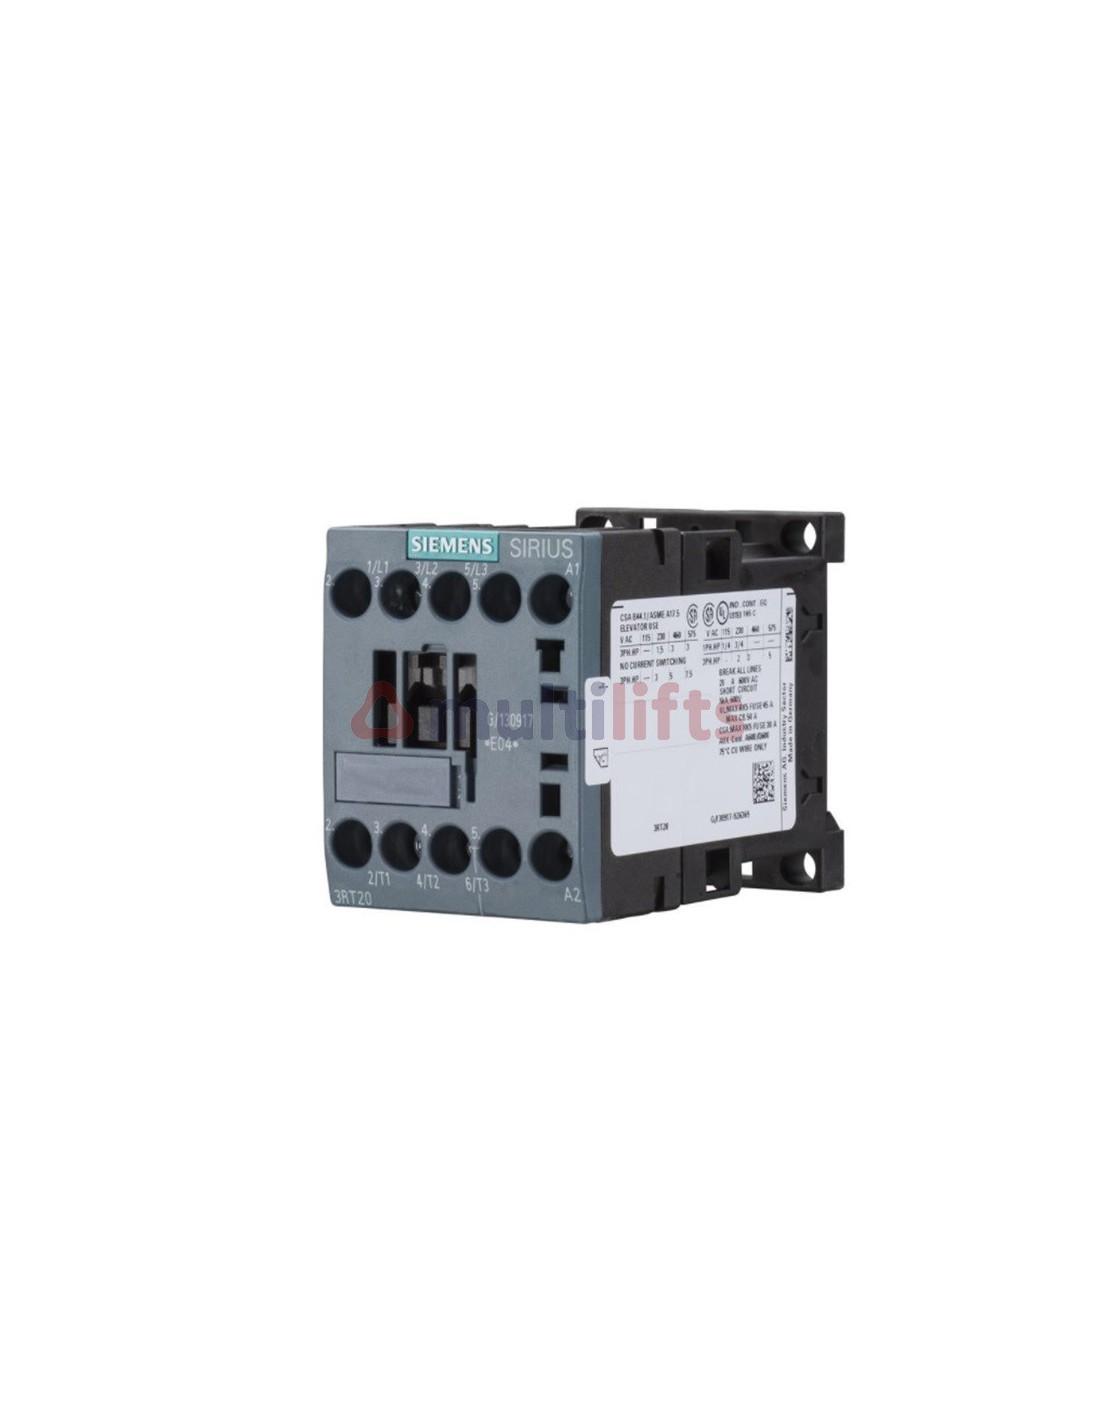 Contactor Siemens 3p Ac3 4kw 24vdc